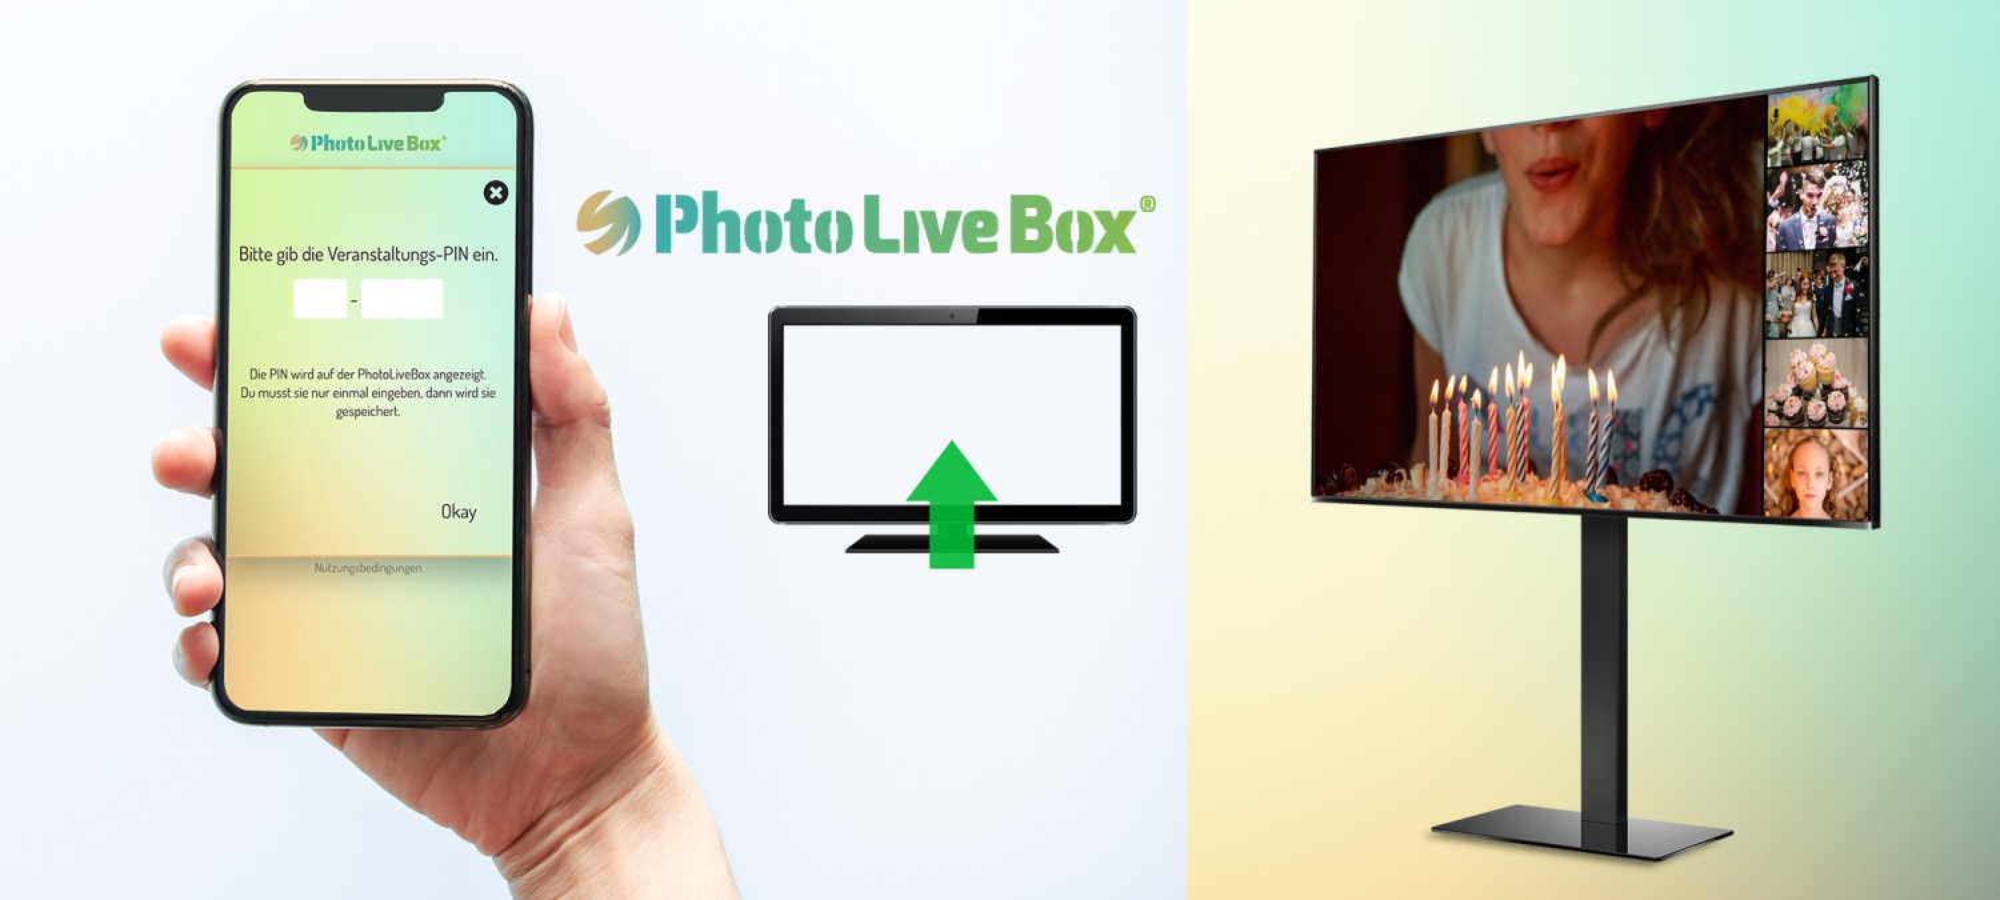 Software für ein Veranstaltungstool, bei dem Fotos während der Veranstaltung von Gästen via Smartphone auf einen Bildschirm übertragen werden können.